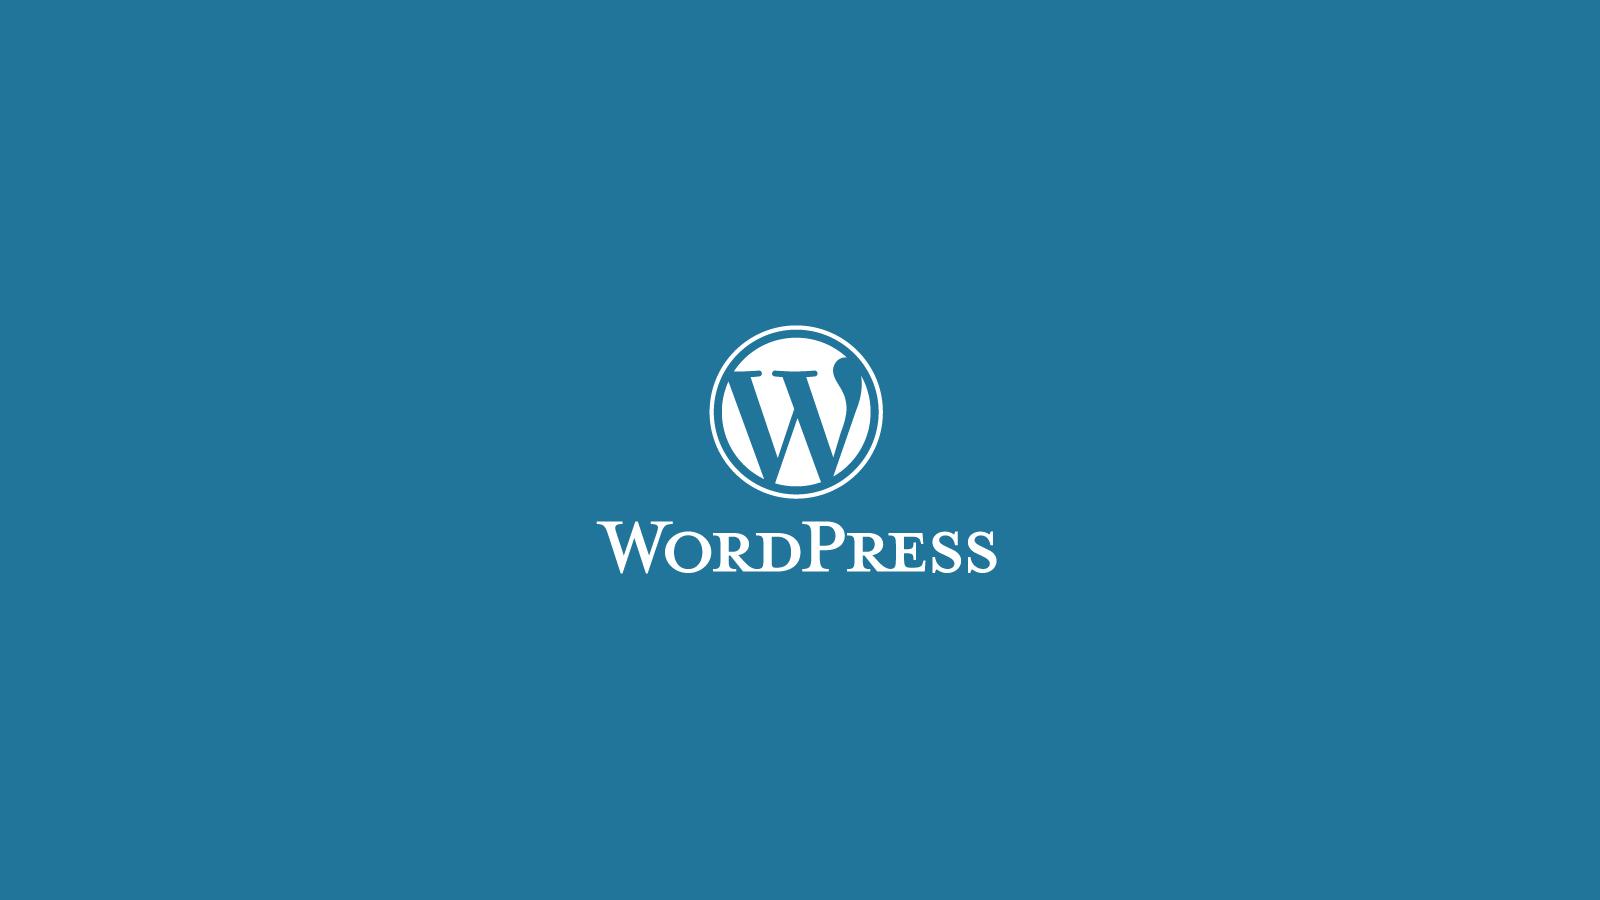 آموزش های وردپرس | مشکلات وردپرس | حذف لوگوی وردپرس